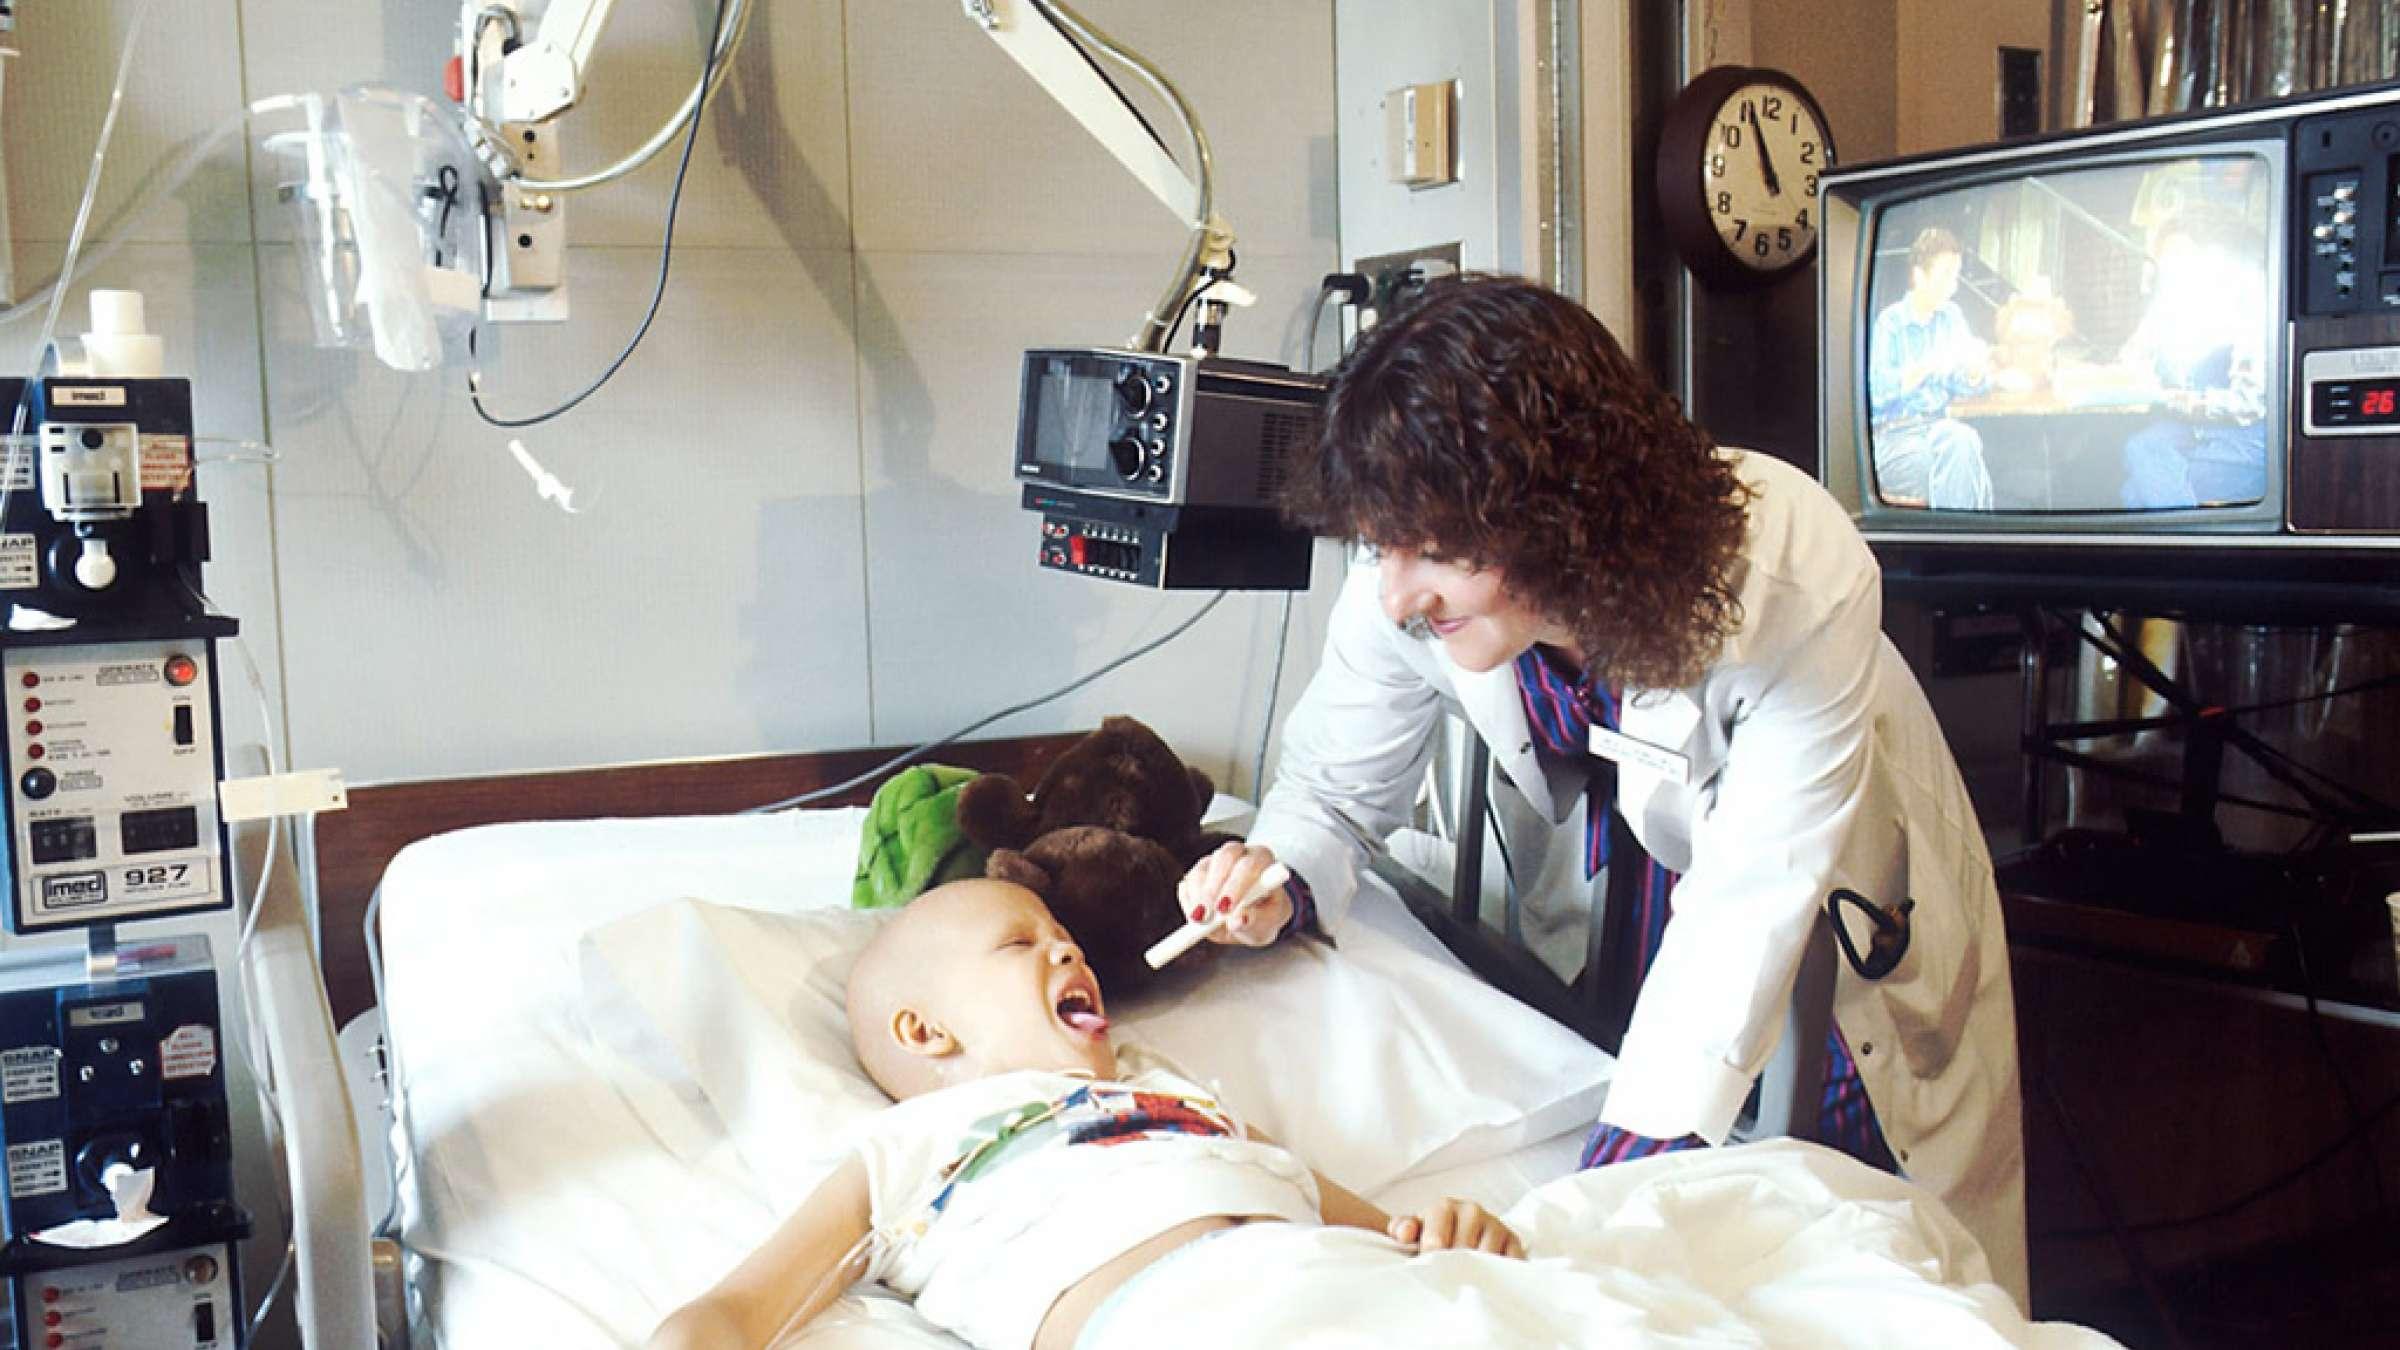 بیمه-رحیمیان-حق-تقدم-برای-بچه-ها-با-بیمه-سلامتی